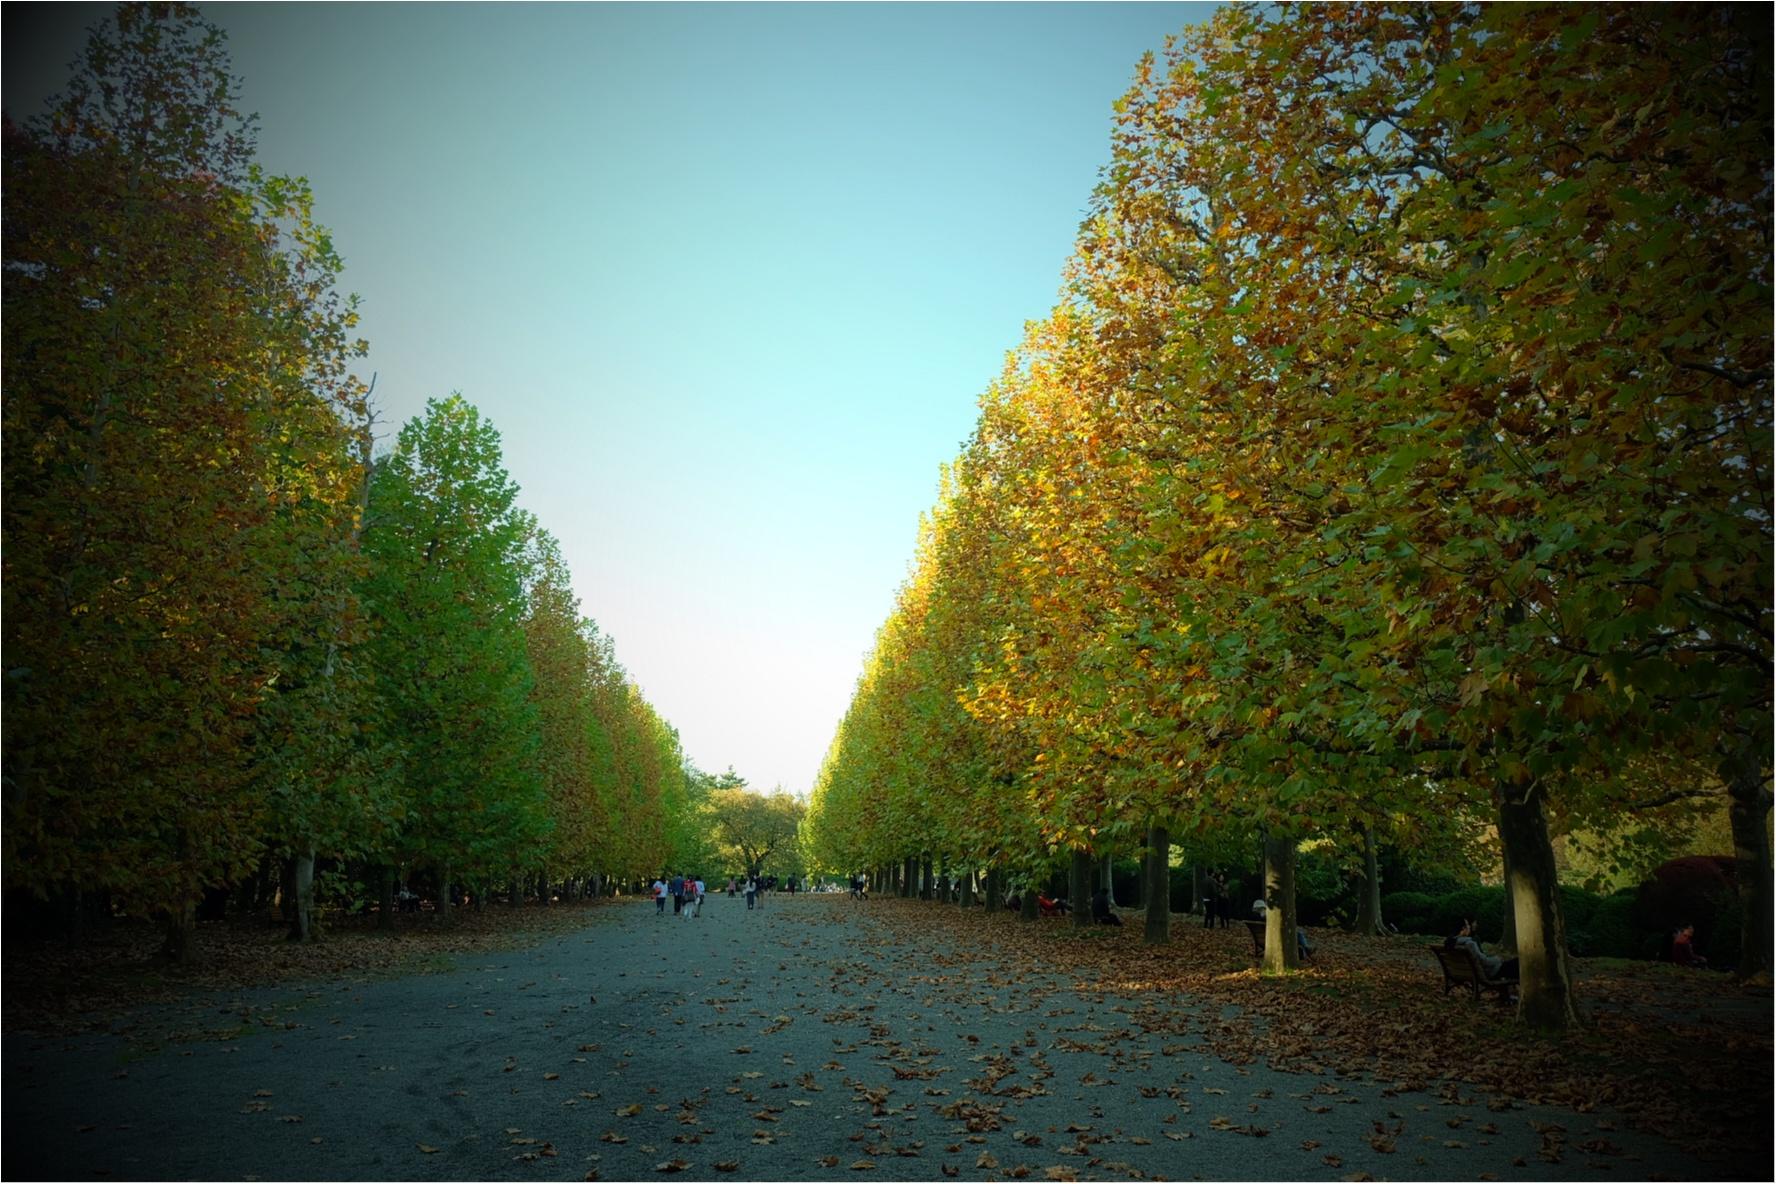 東京でも絶景の紅葉が!《新宿御苑》で秋が始められますよ〜!!フォトスポット&コーディネートも合わせてご紹介!_2